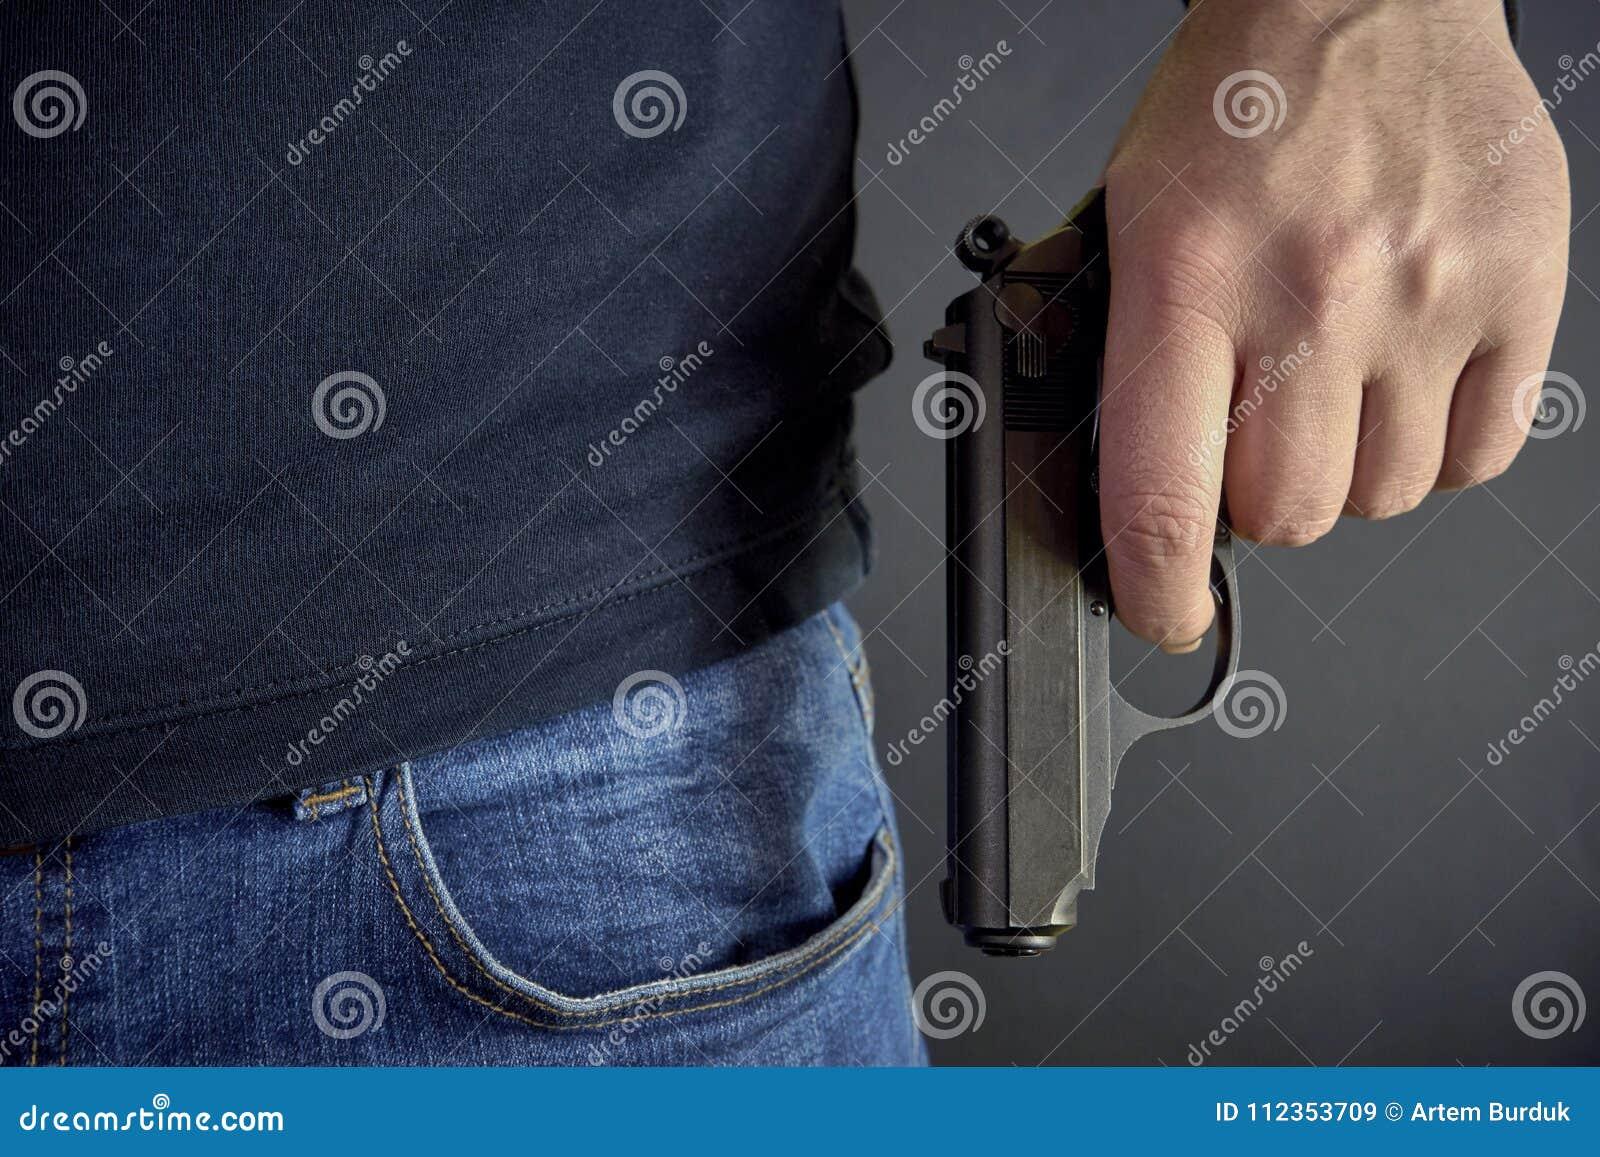 Killer holding a gun side him, robbery, murder, crime